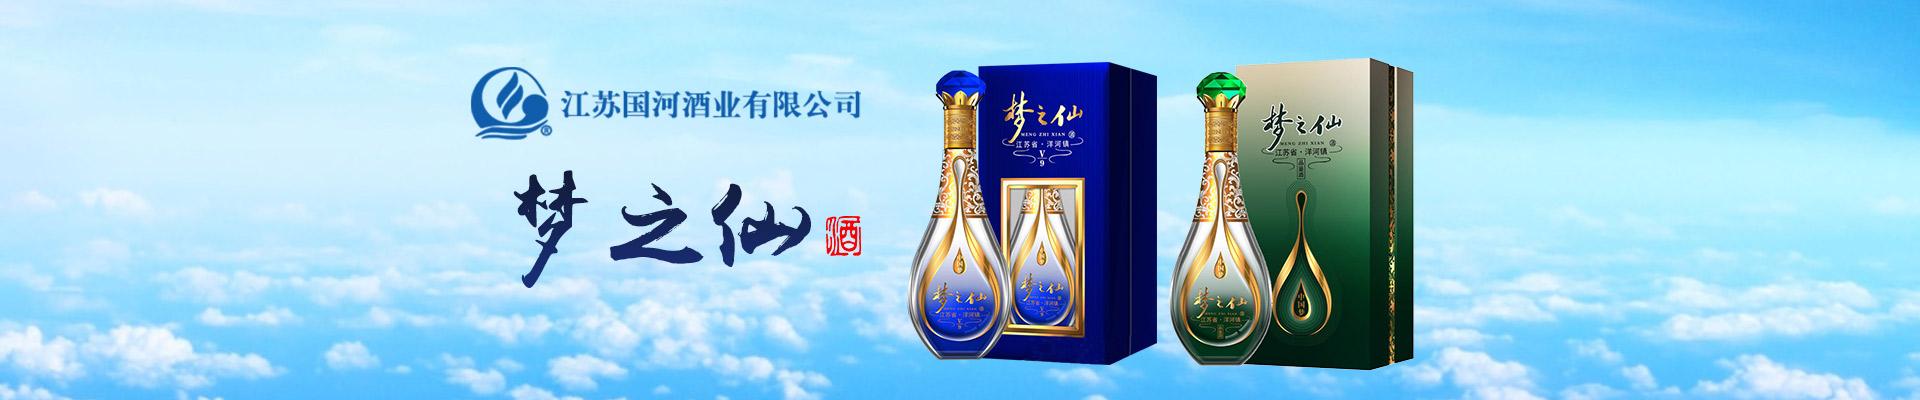 江苏国河酒业股份有限公司